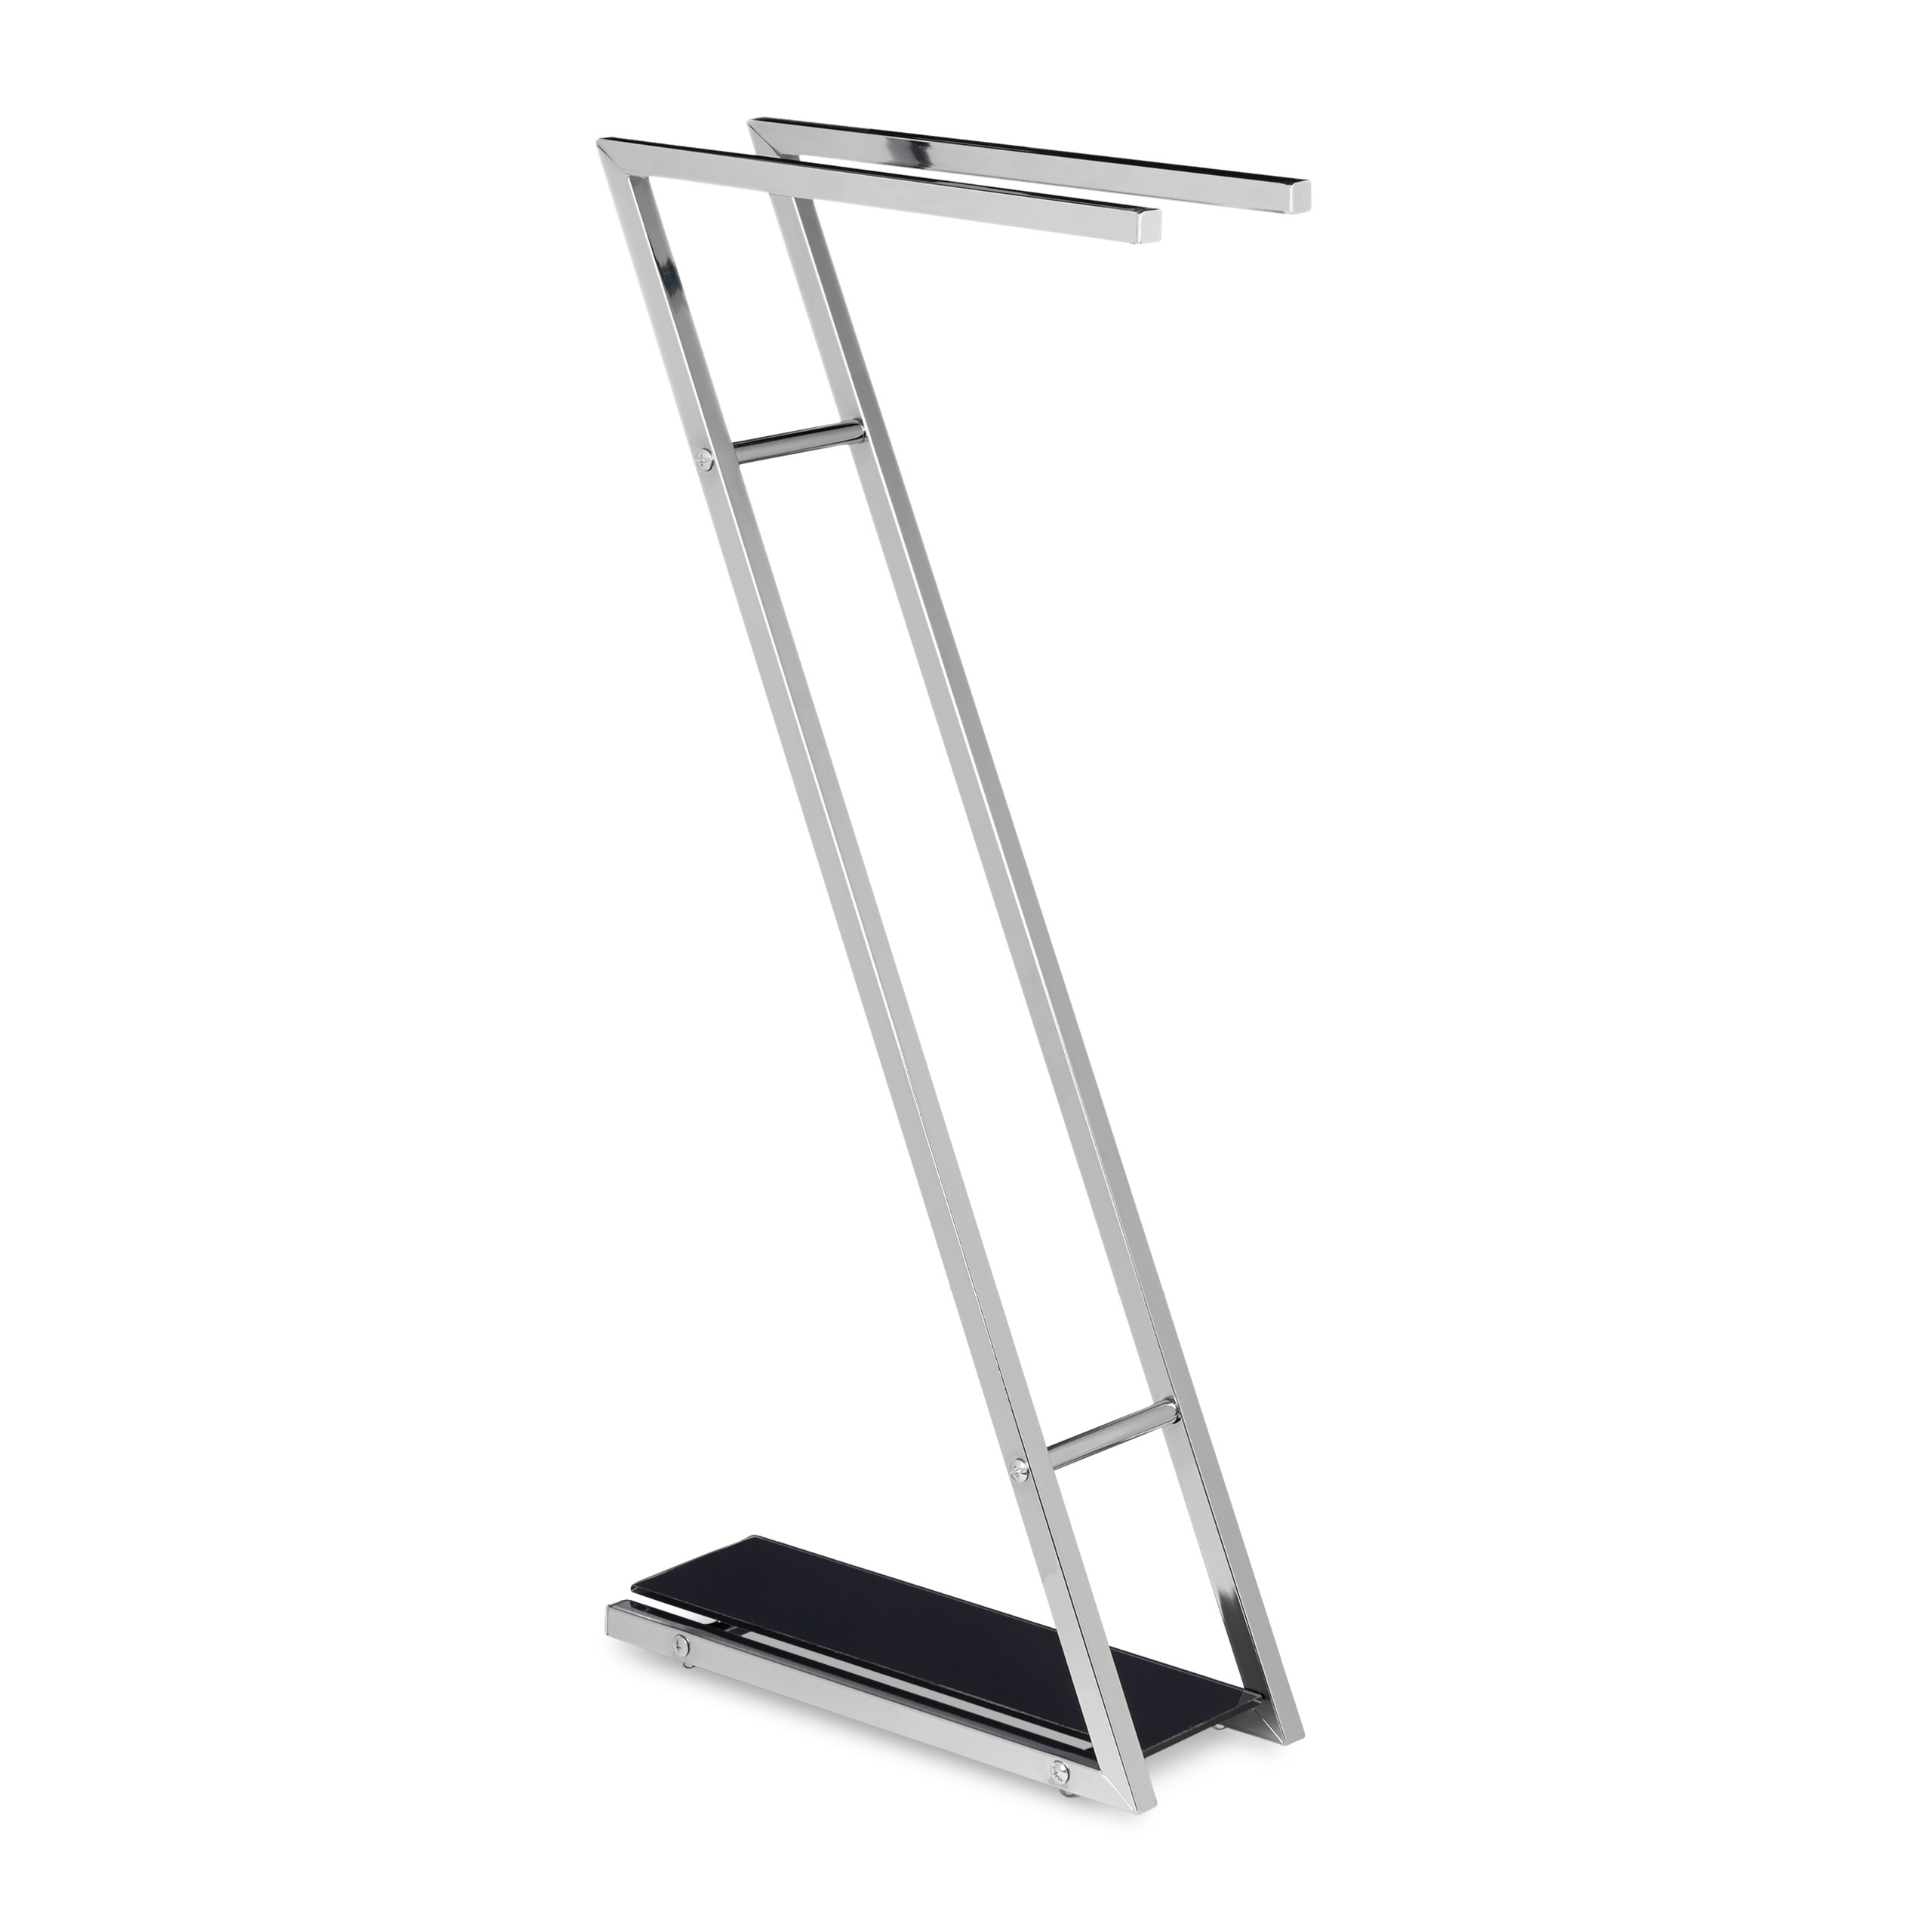 Porte-serviettes-GLASS-sur-pied-2-barre-support-serviettes-essuis-forme-de-Z